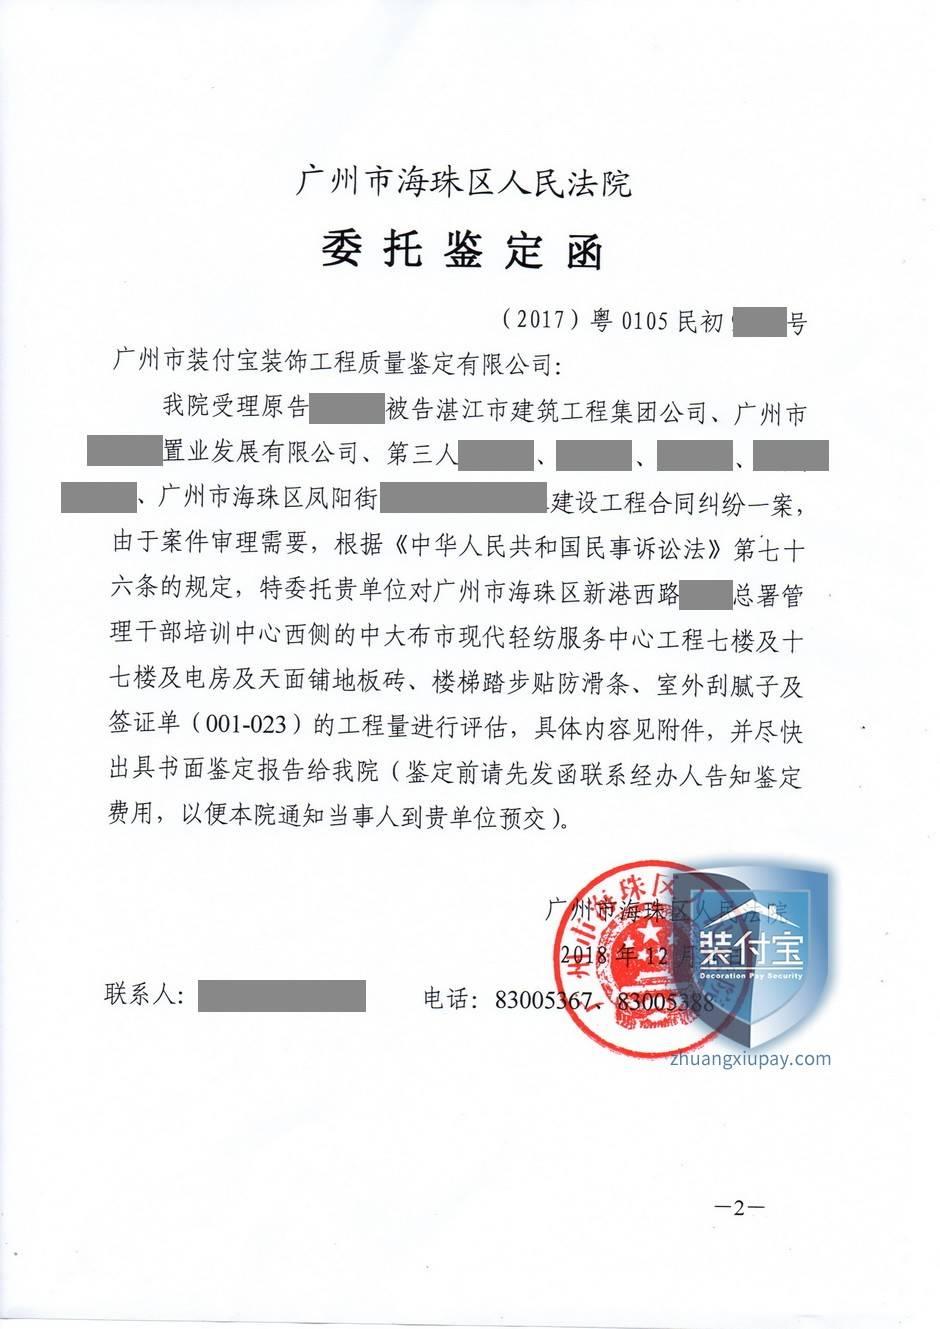 湛江某集团受业主起诉,装修质量问题,并做出装修鉴定报告